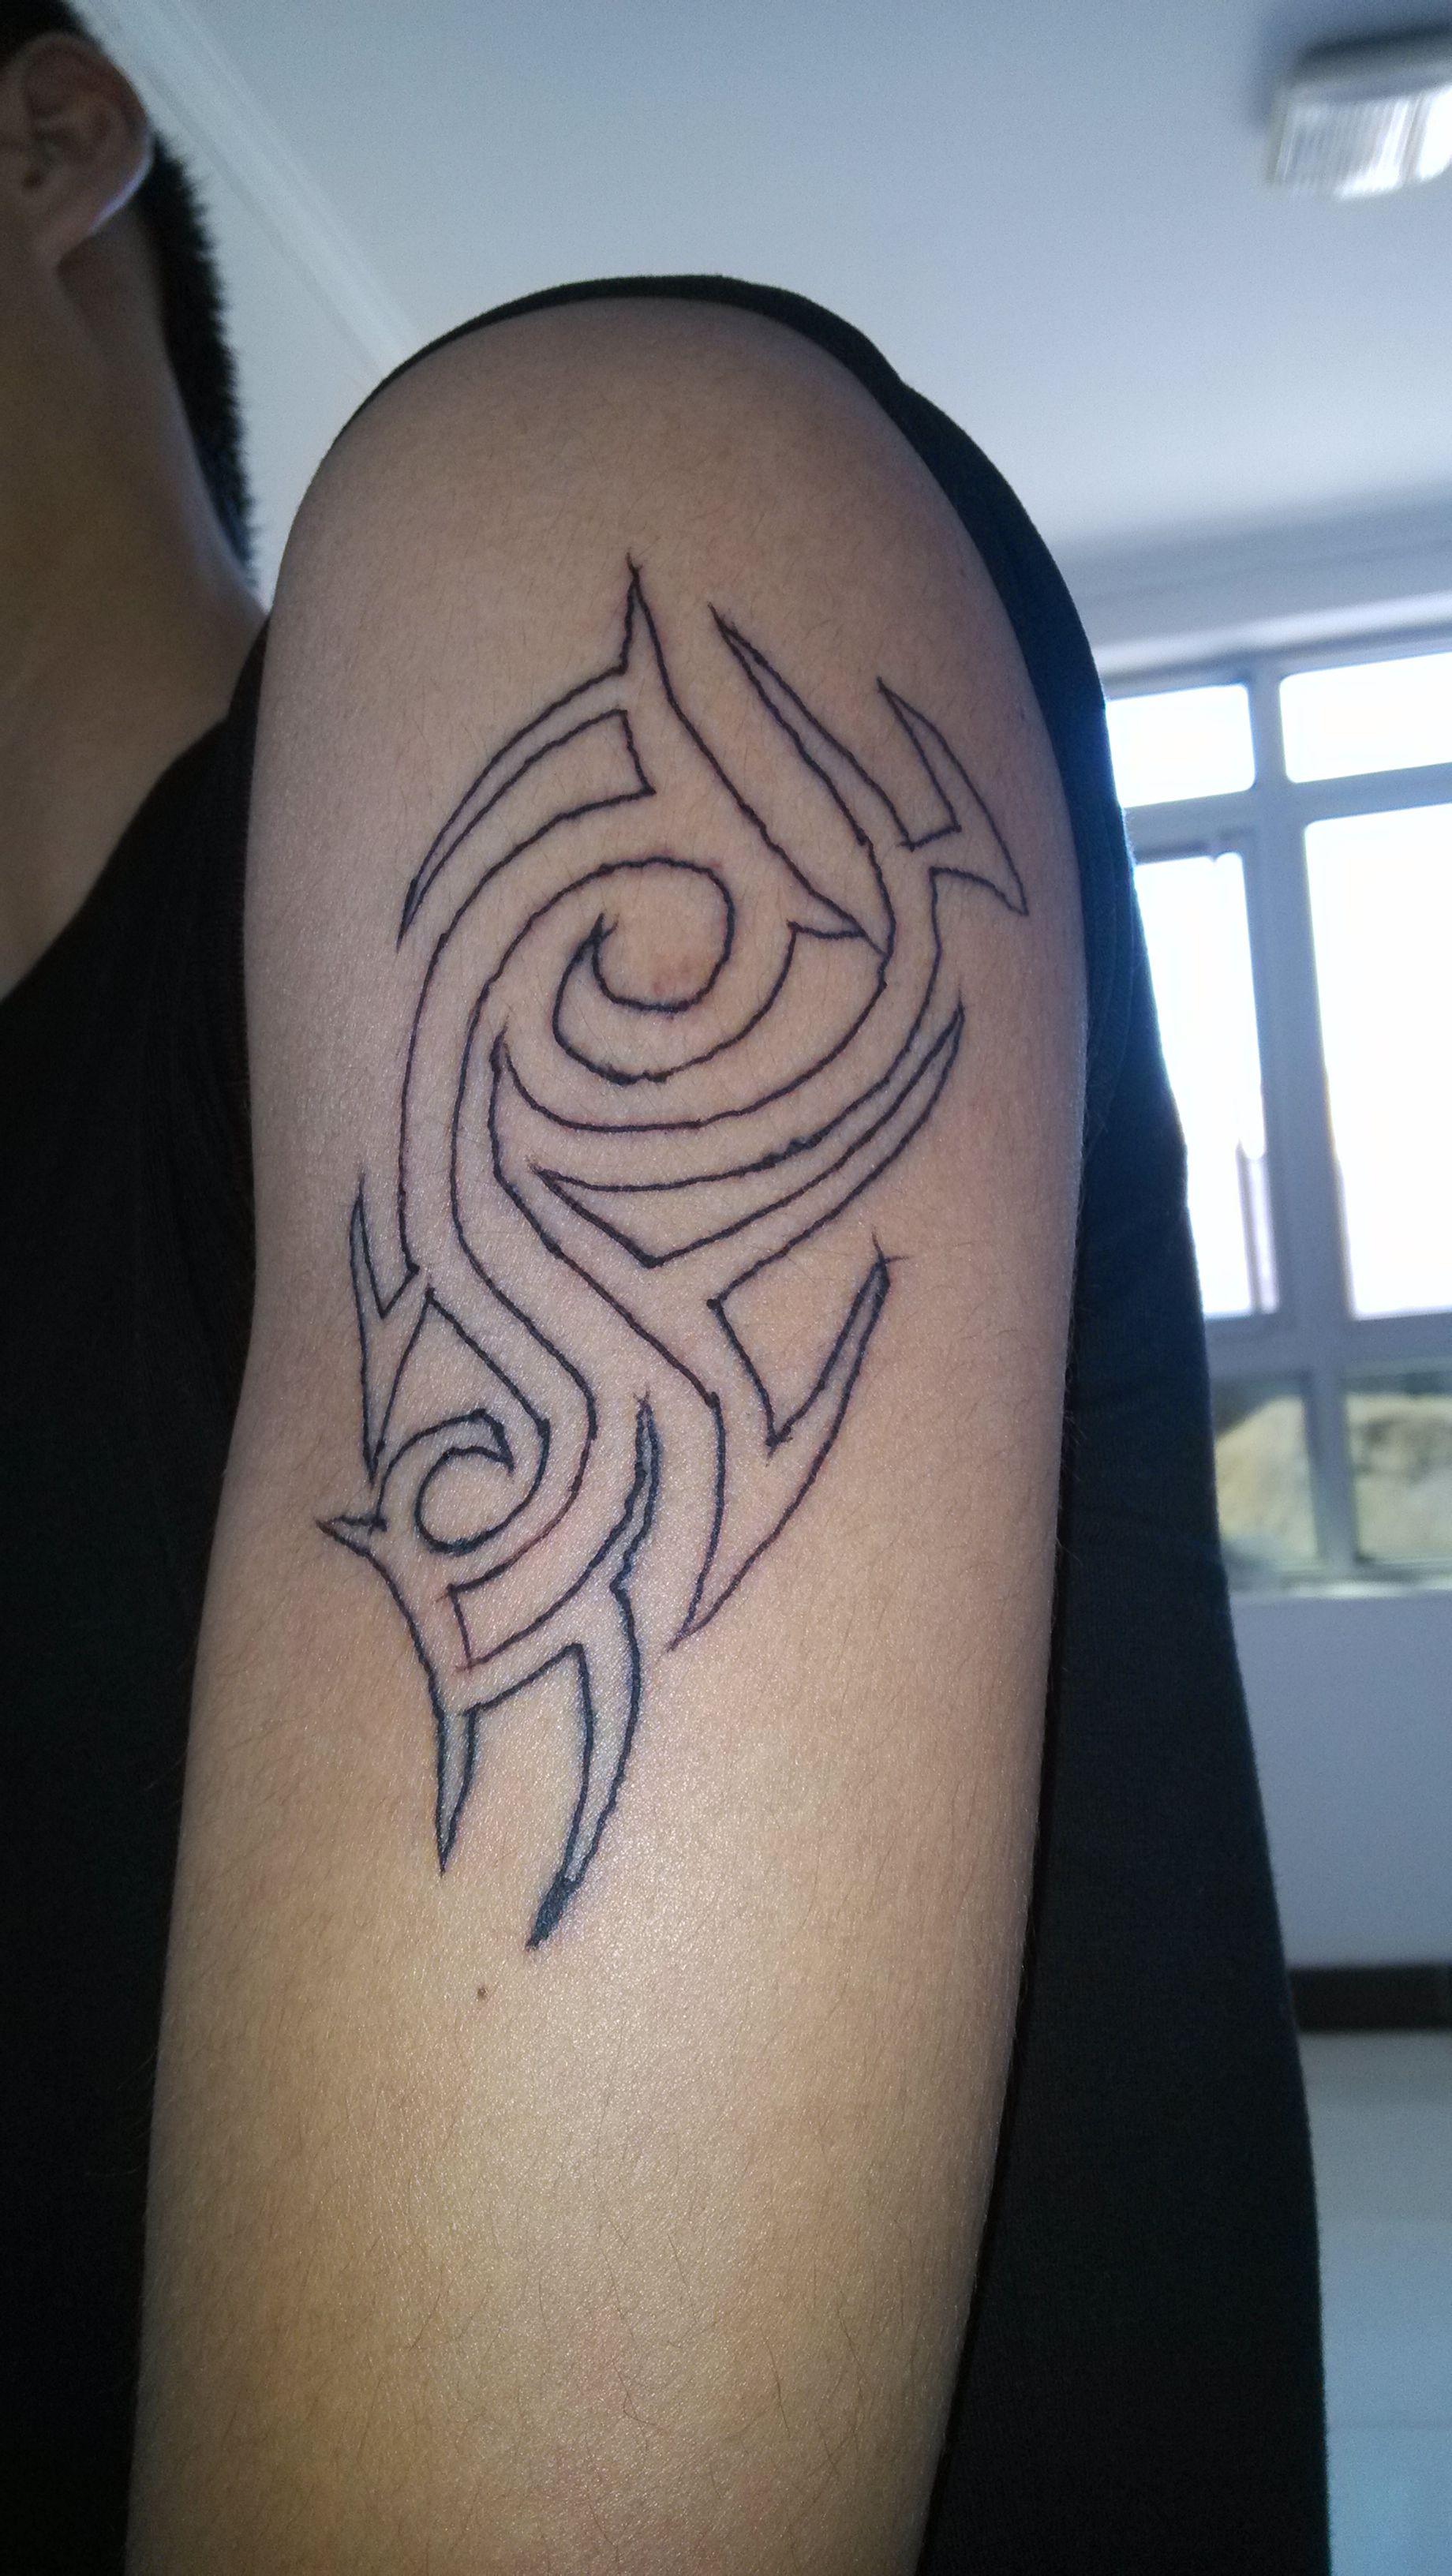 这个纹身能覆盖吗?我是北京和廊坊交接的地方的人,钱图片